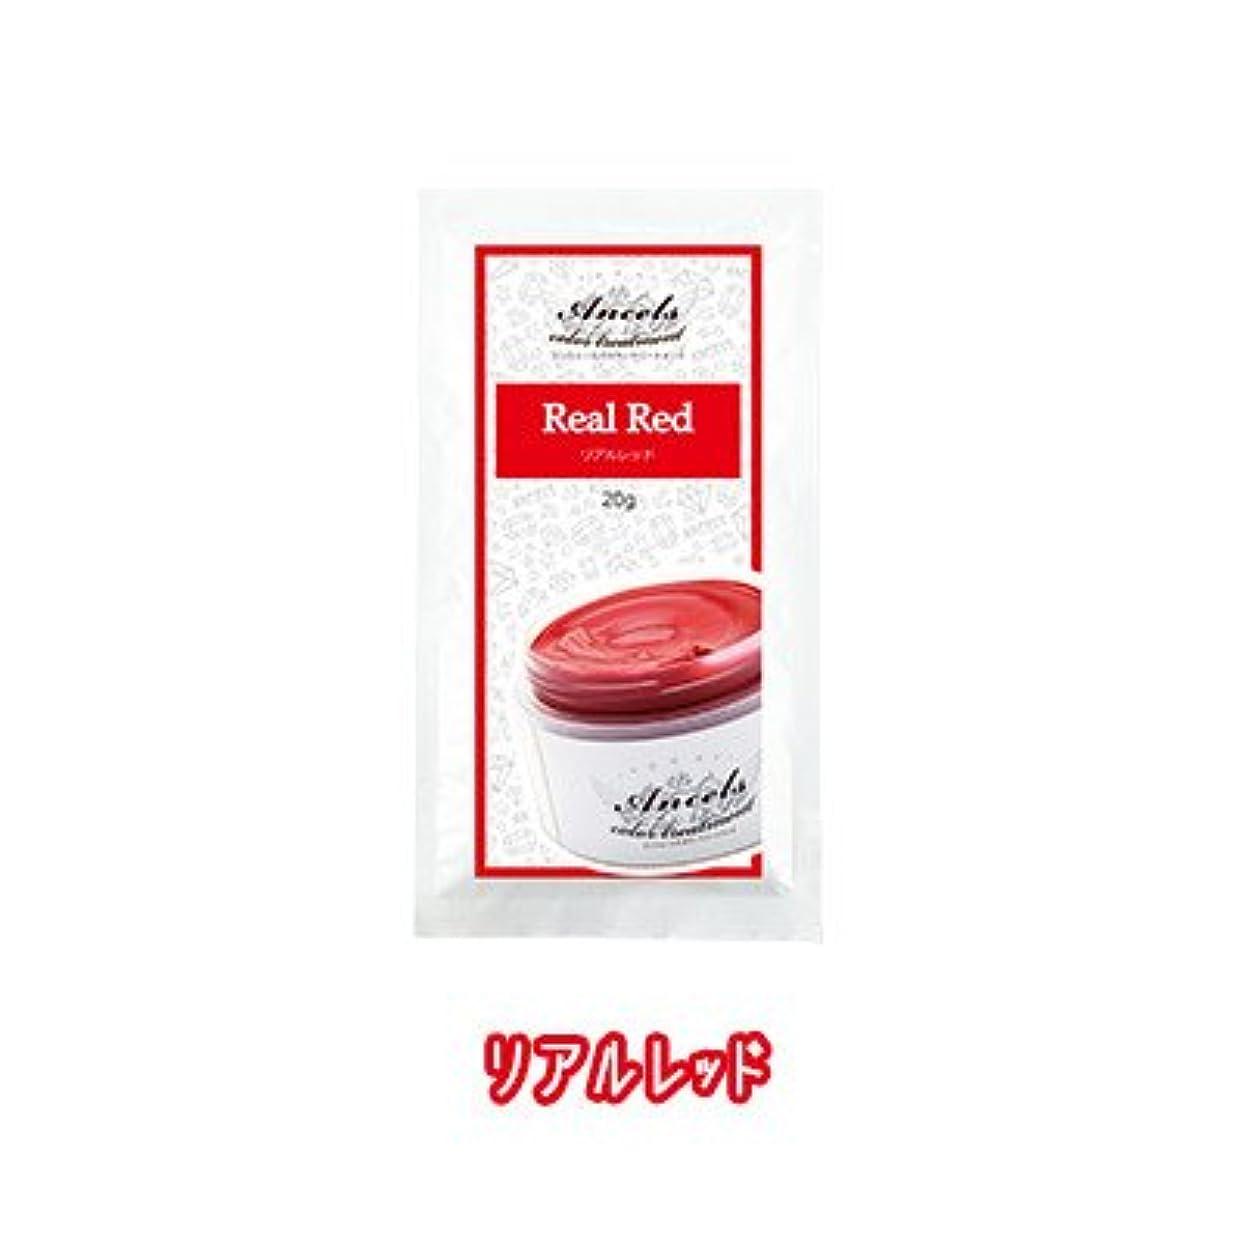 衰えるピストル代数エンシェールズ カラートリートメントバター プチ(お試しサイズ) リアルレッド 20g